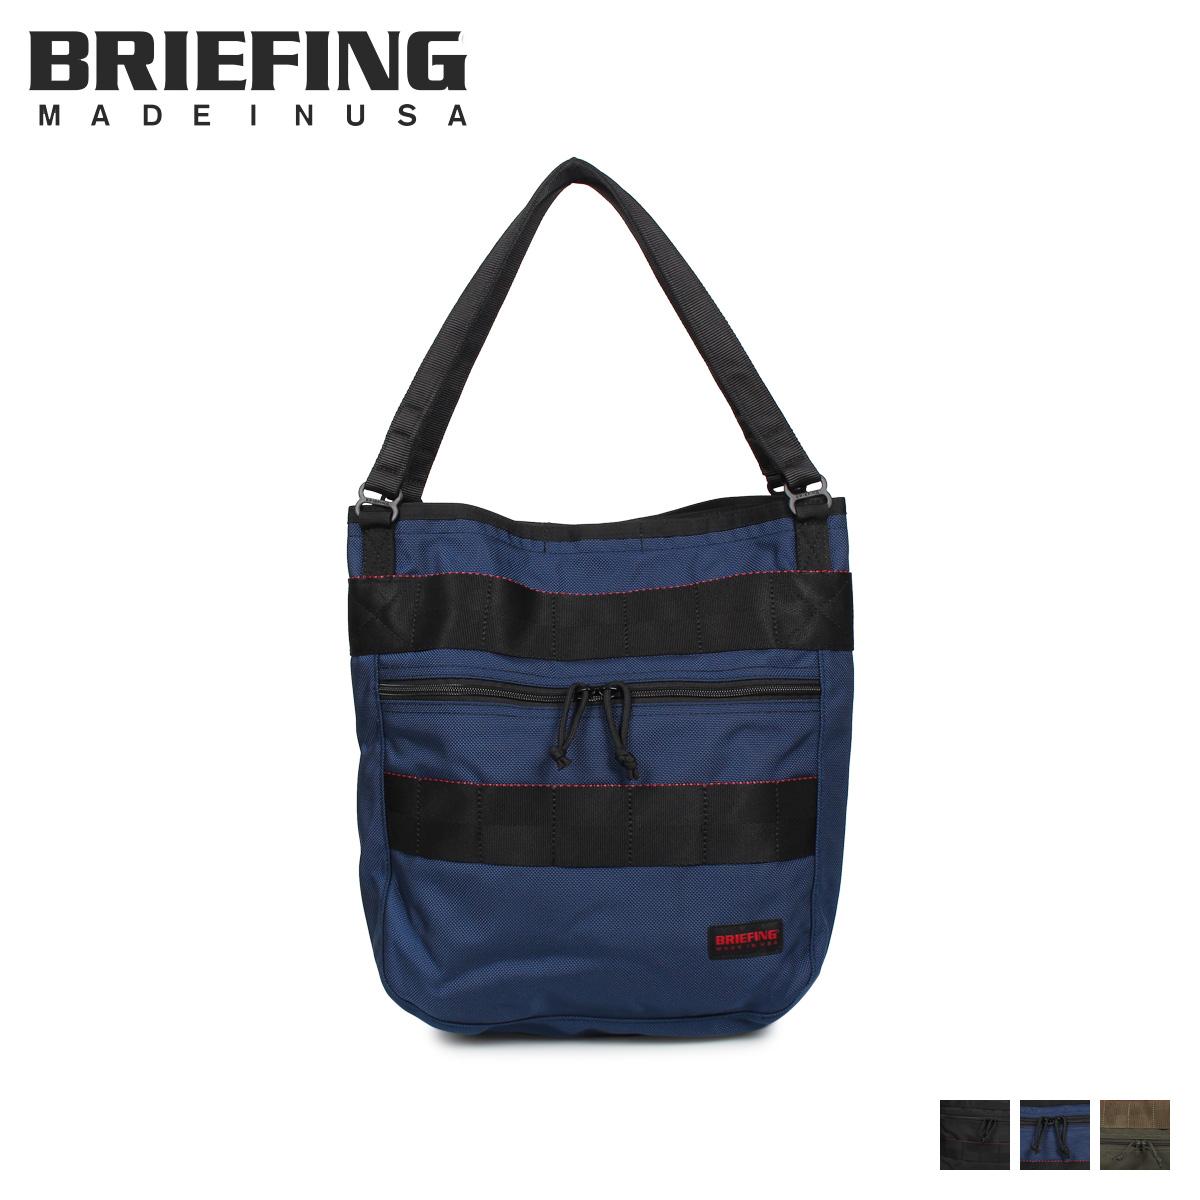 BRIEFING R3 TOTE ブリーフィング トート バッグ トートバッグ メンズ ブラック 黒 ネイビー カーキ 507219